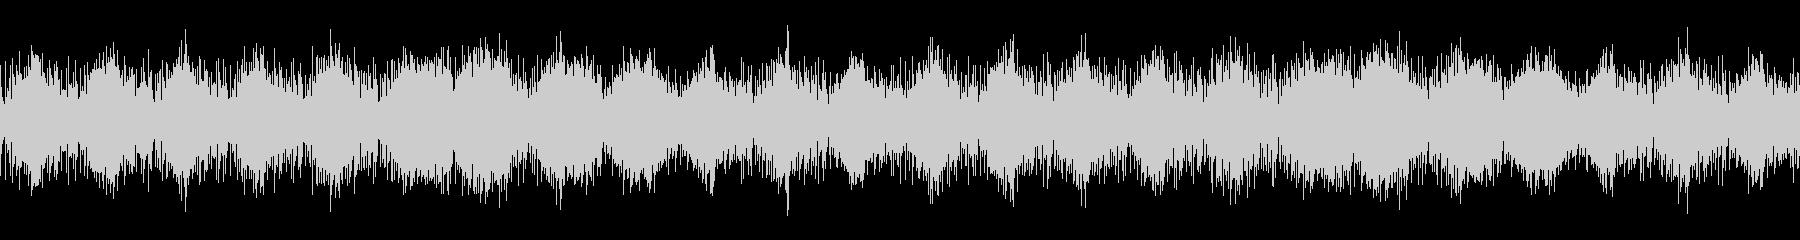 【ドラム抜き】浮遊感のあるアンビエント…の未再生の波形